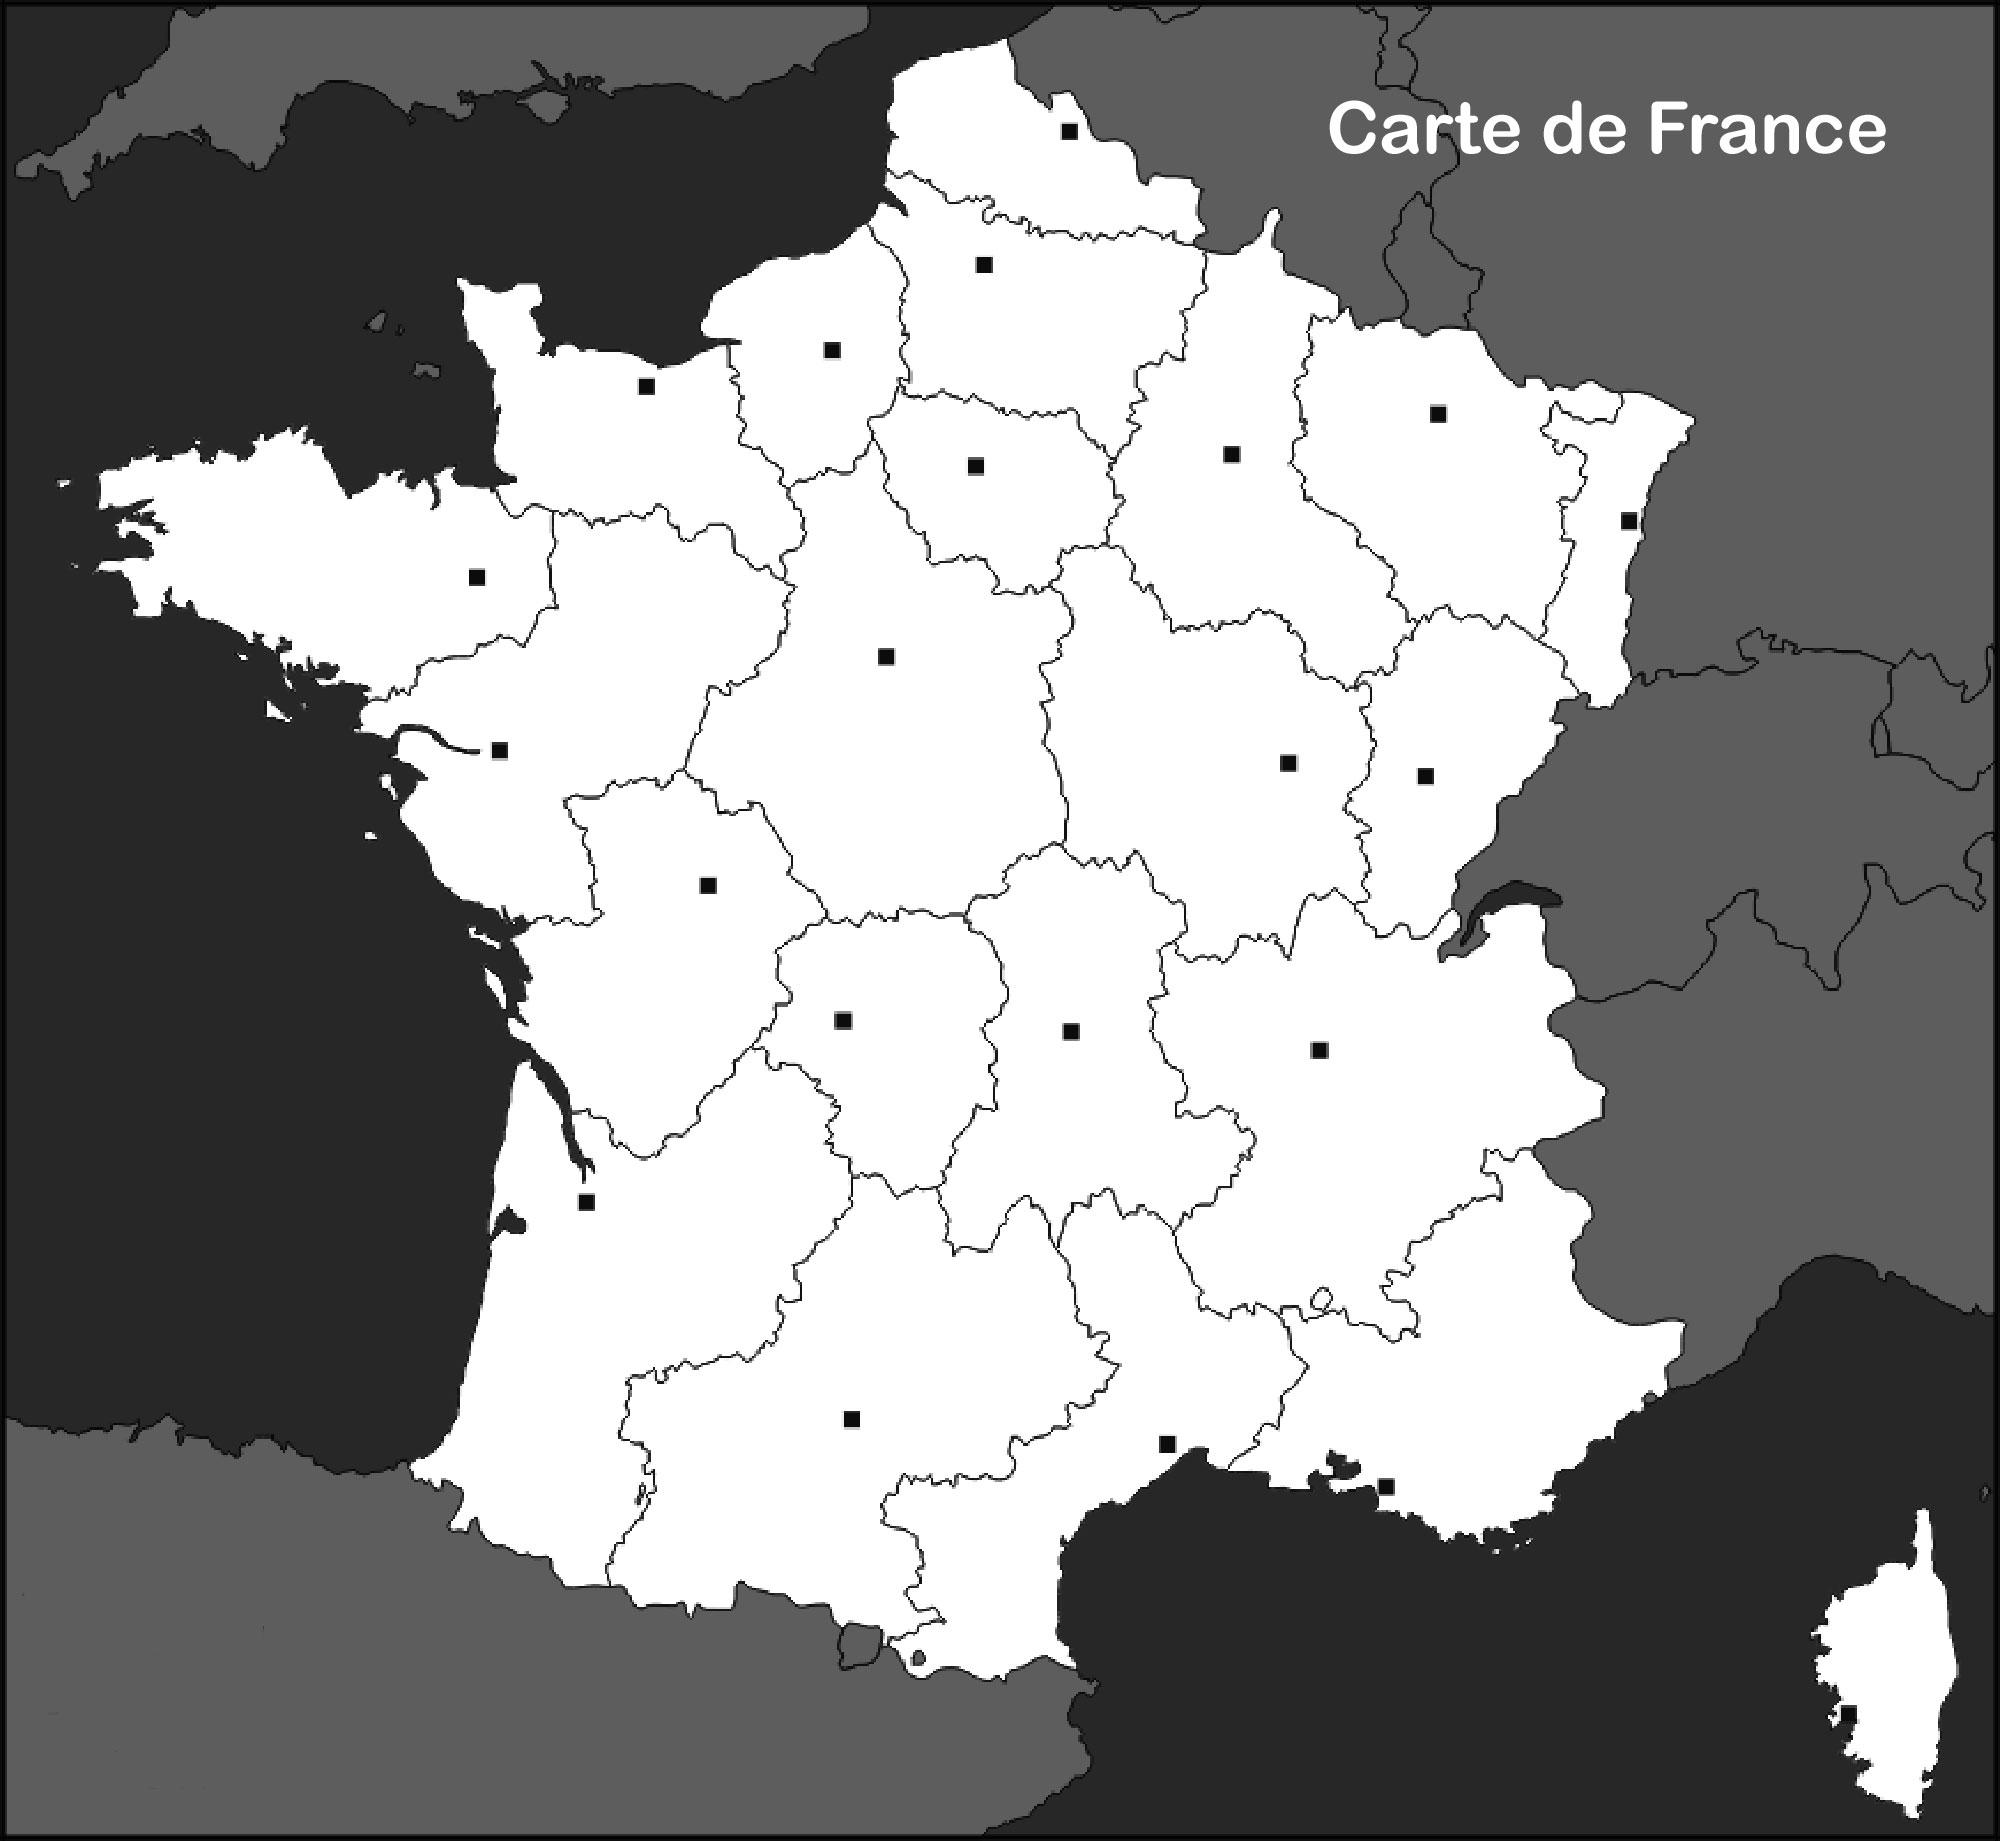 Carte De France Vierge - Voyages - Cartes serapportantà Carte De La France Vierge